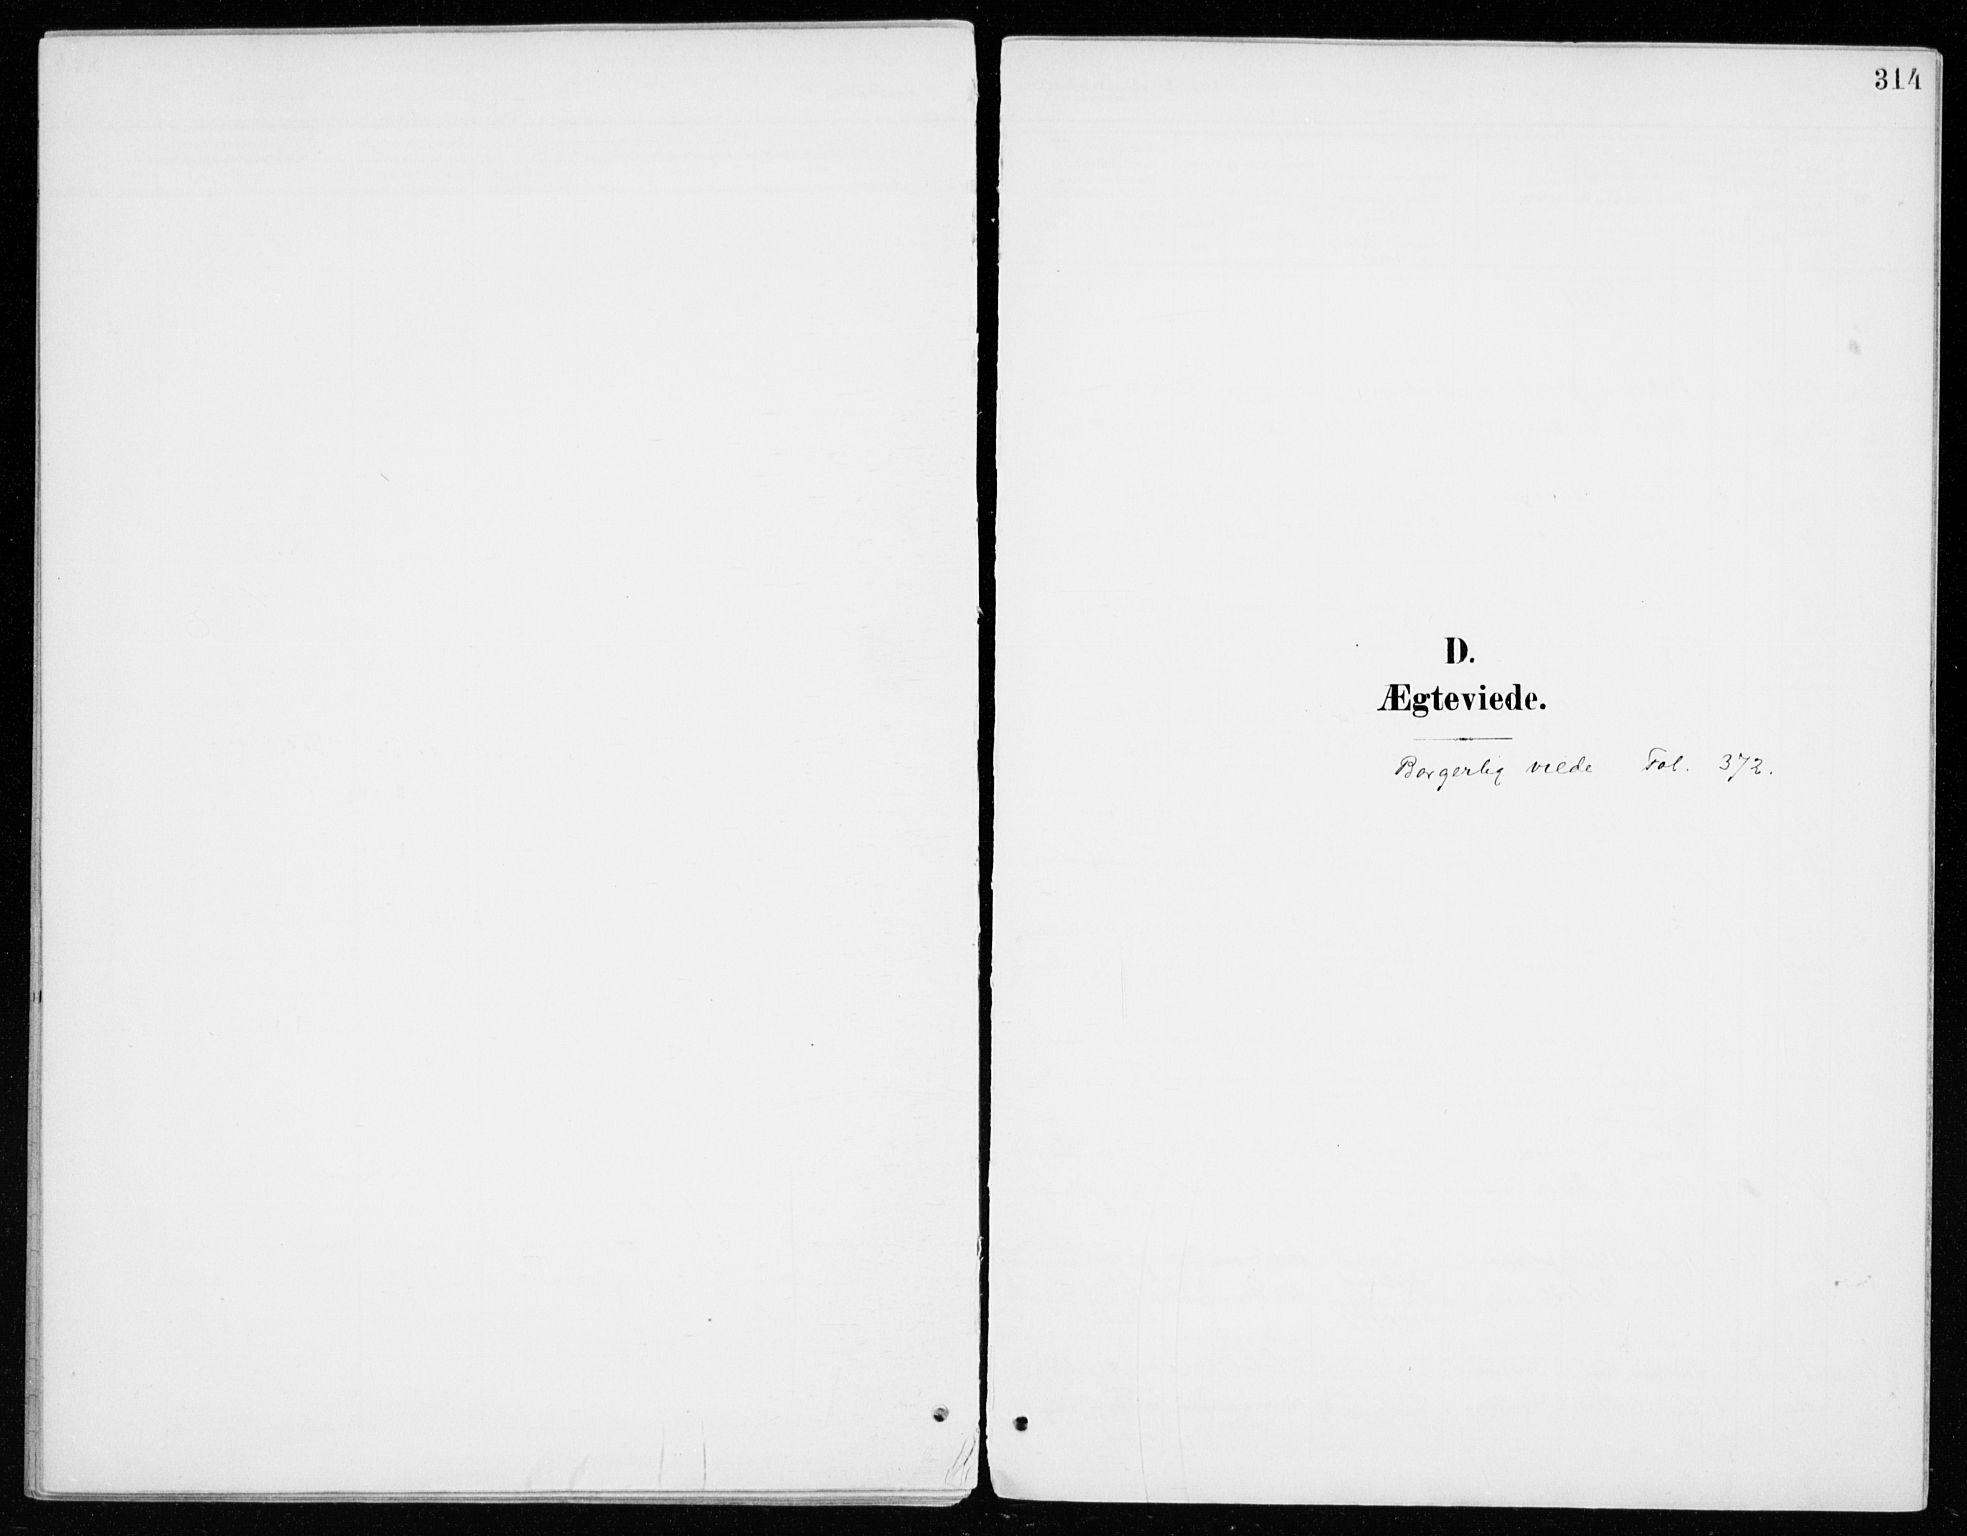 SAH, Vang prestekontor, Hedmark, H/Ha/Haa/L0021: Ministerialbok nr. 21, 1902-1917, s. 314